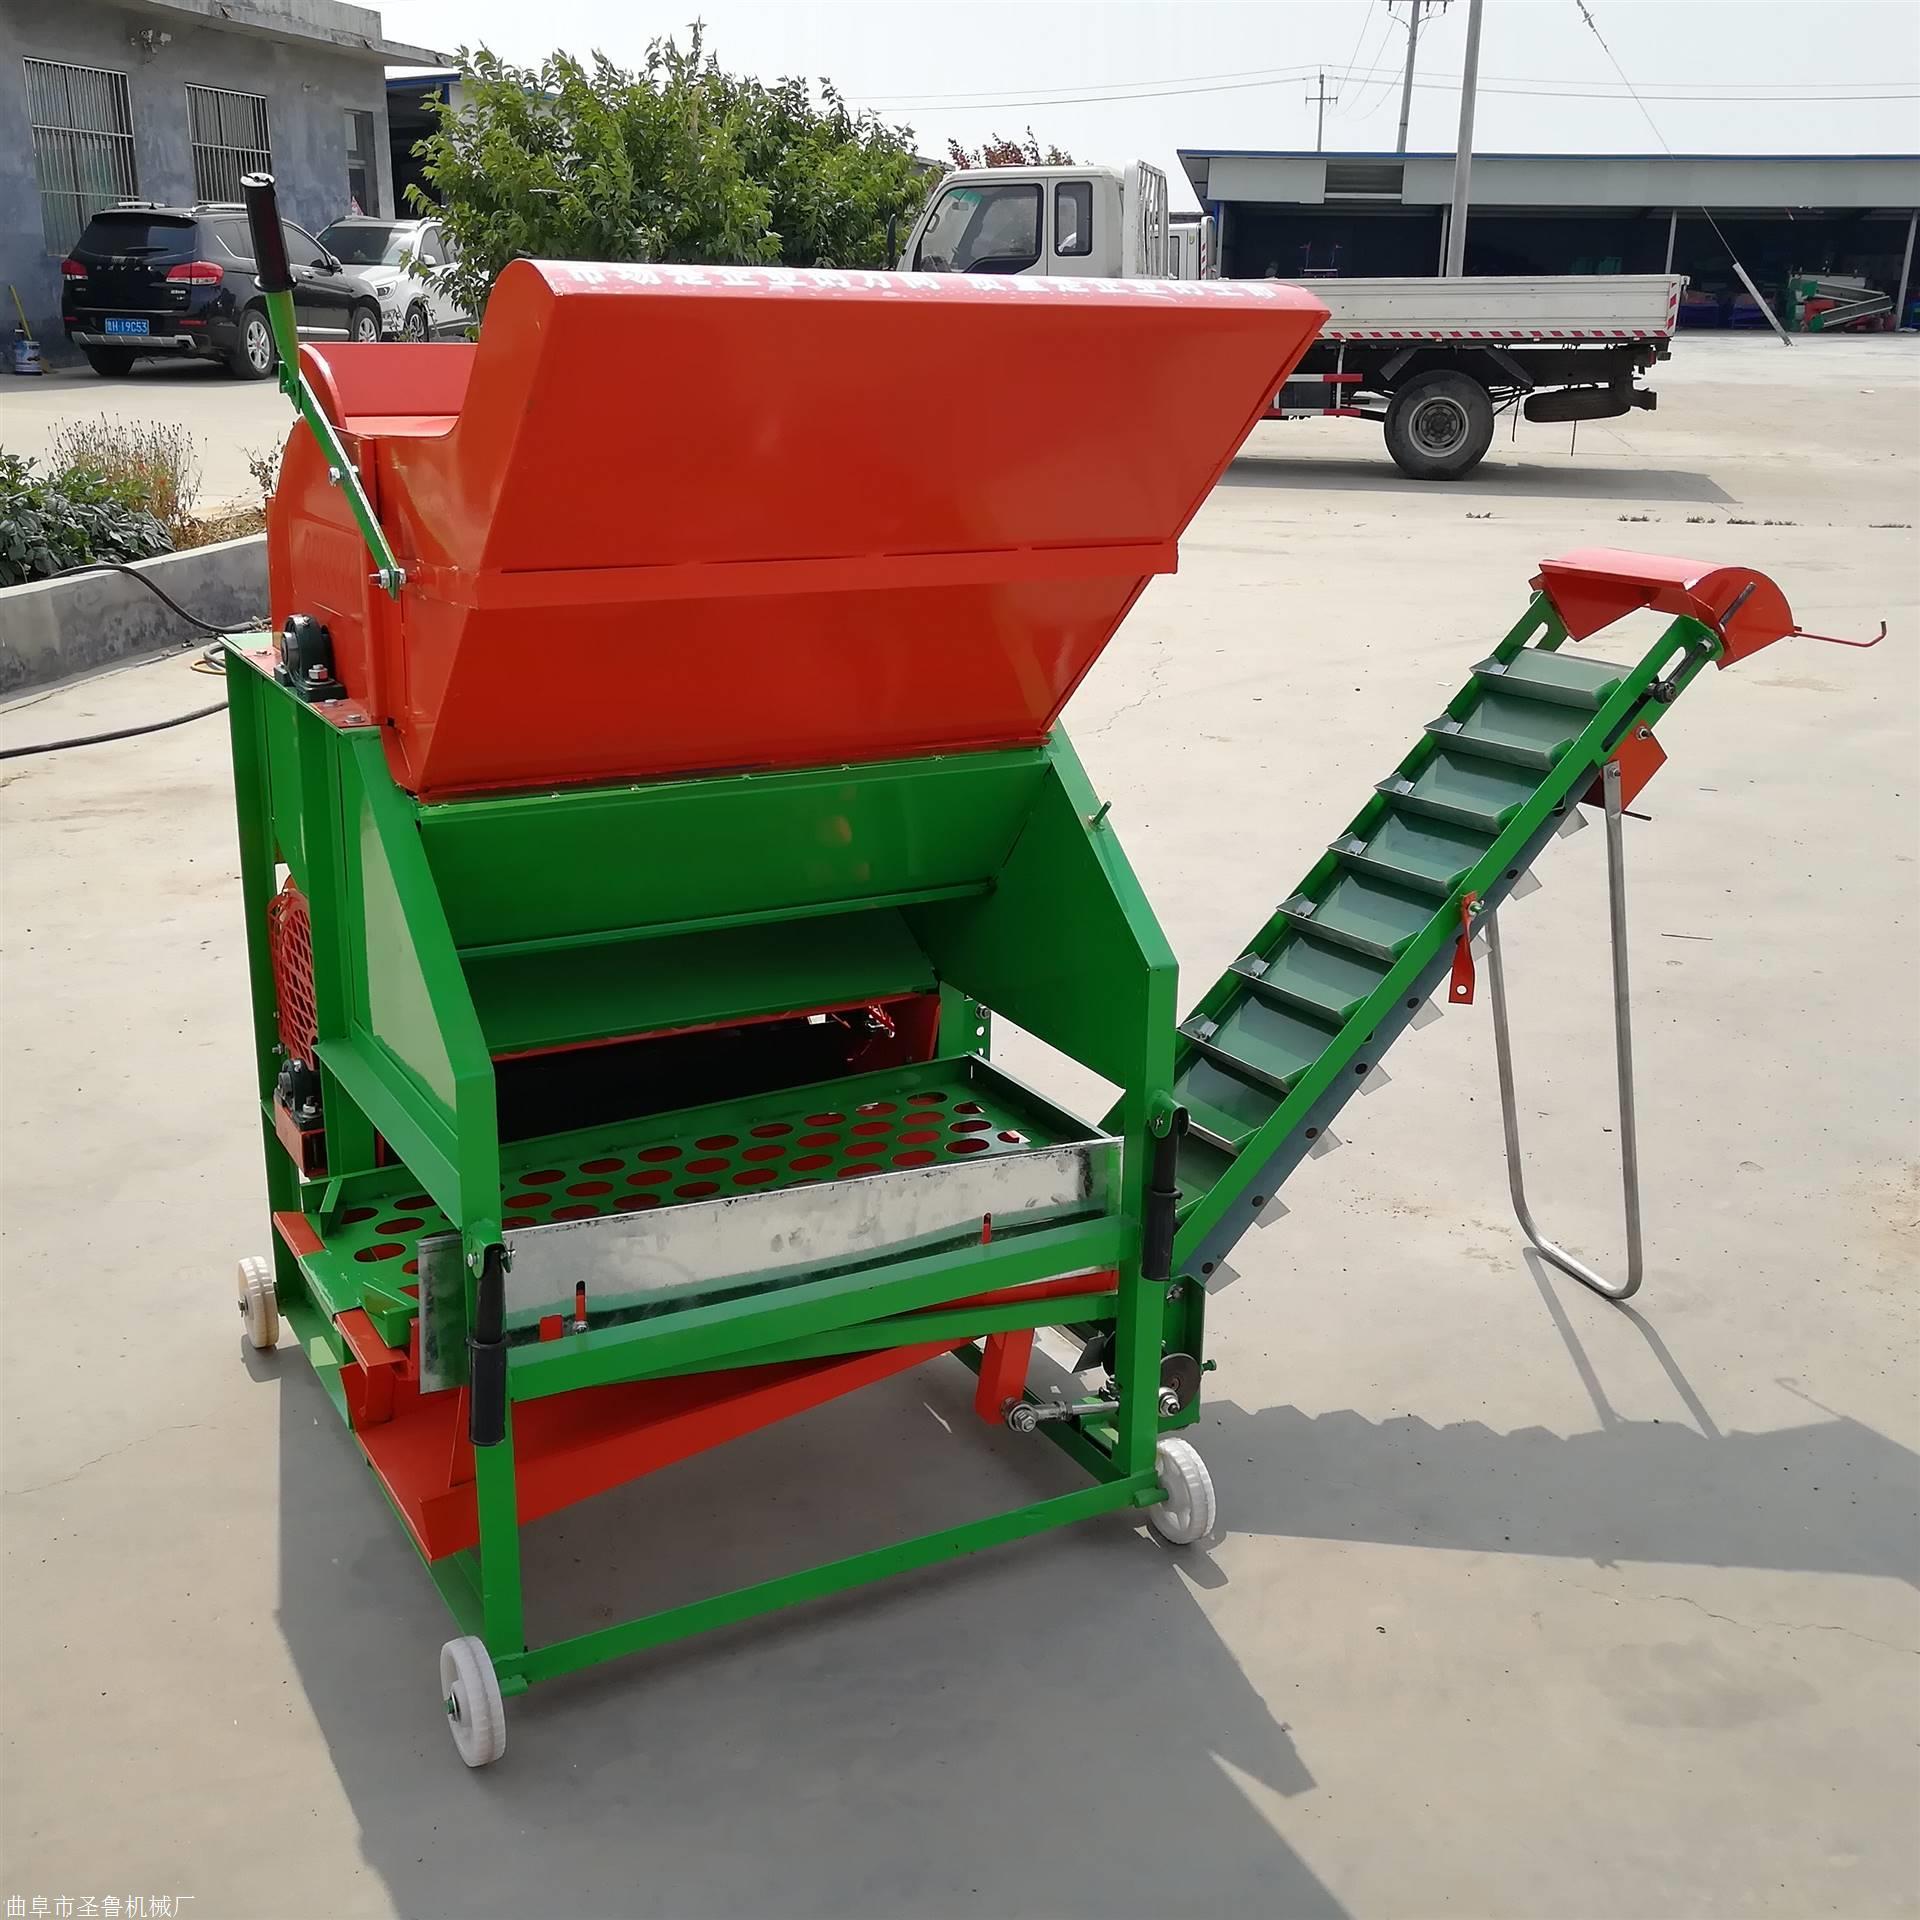 袁腺h��9i*�.�_5kw   柴油机12匹   主轴转速:600~700r/min   工作效率:4---8亩/h